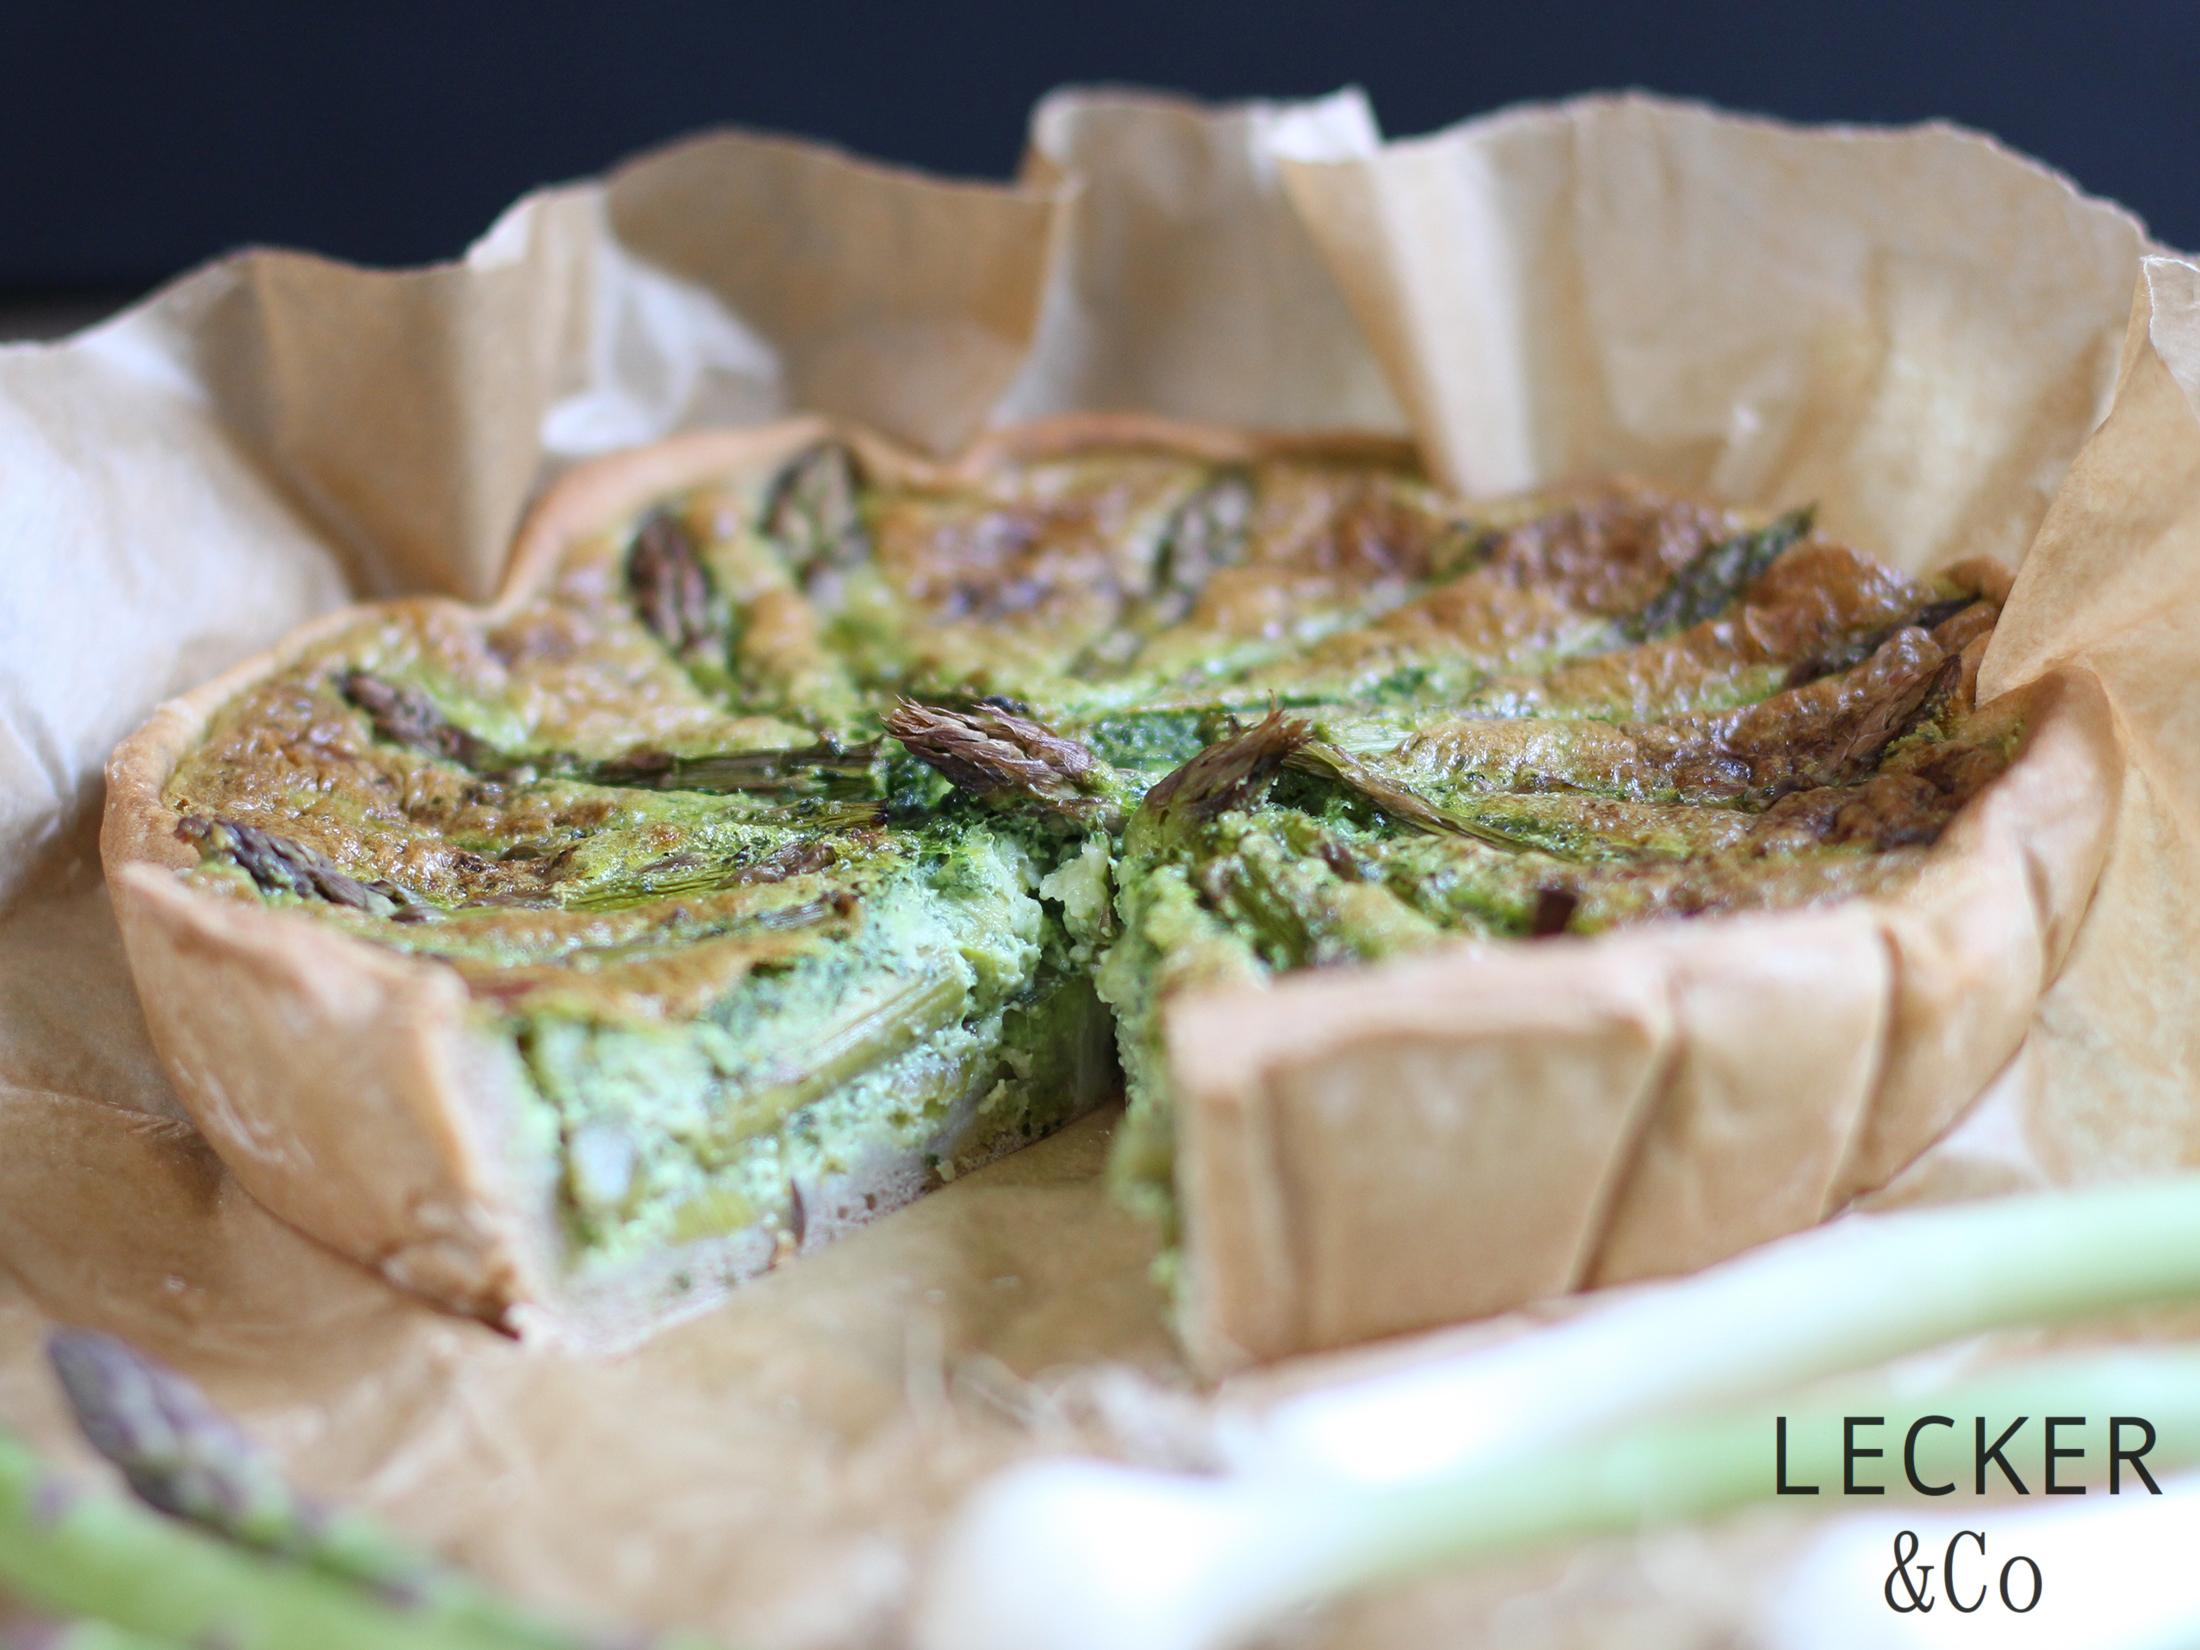 {Gastbeitrag von Lecker&Co} Bärlauch-Spargel-Quiche im Brotteig - Mimis Foodblog